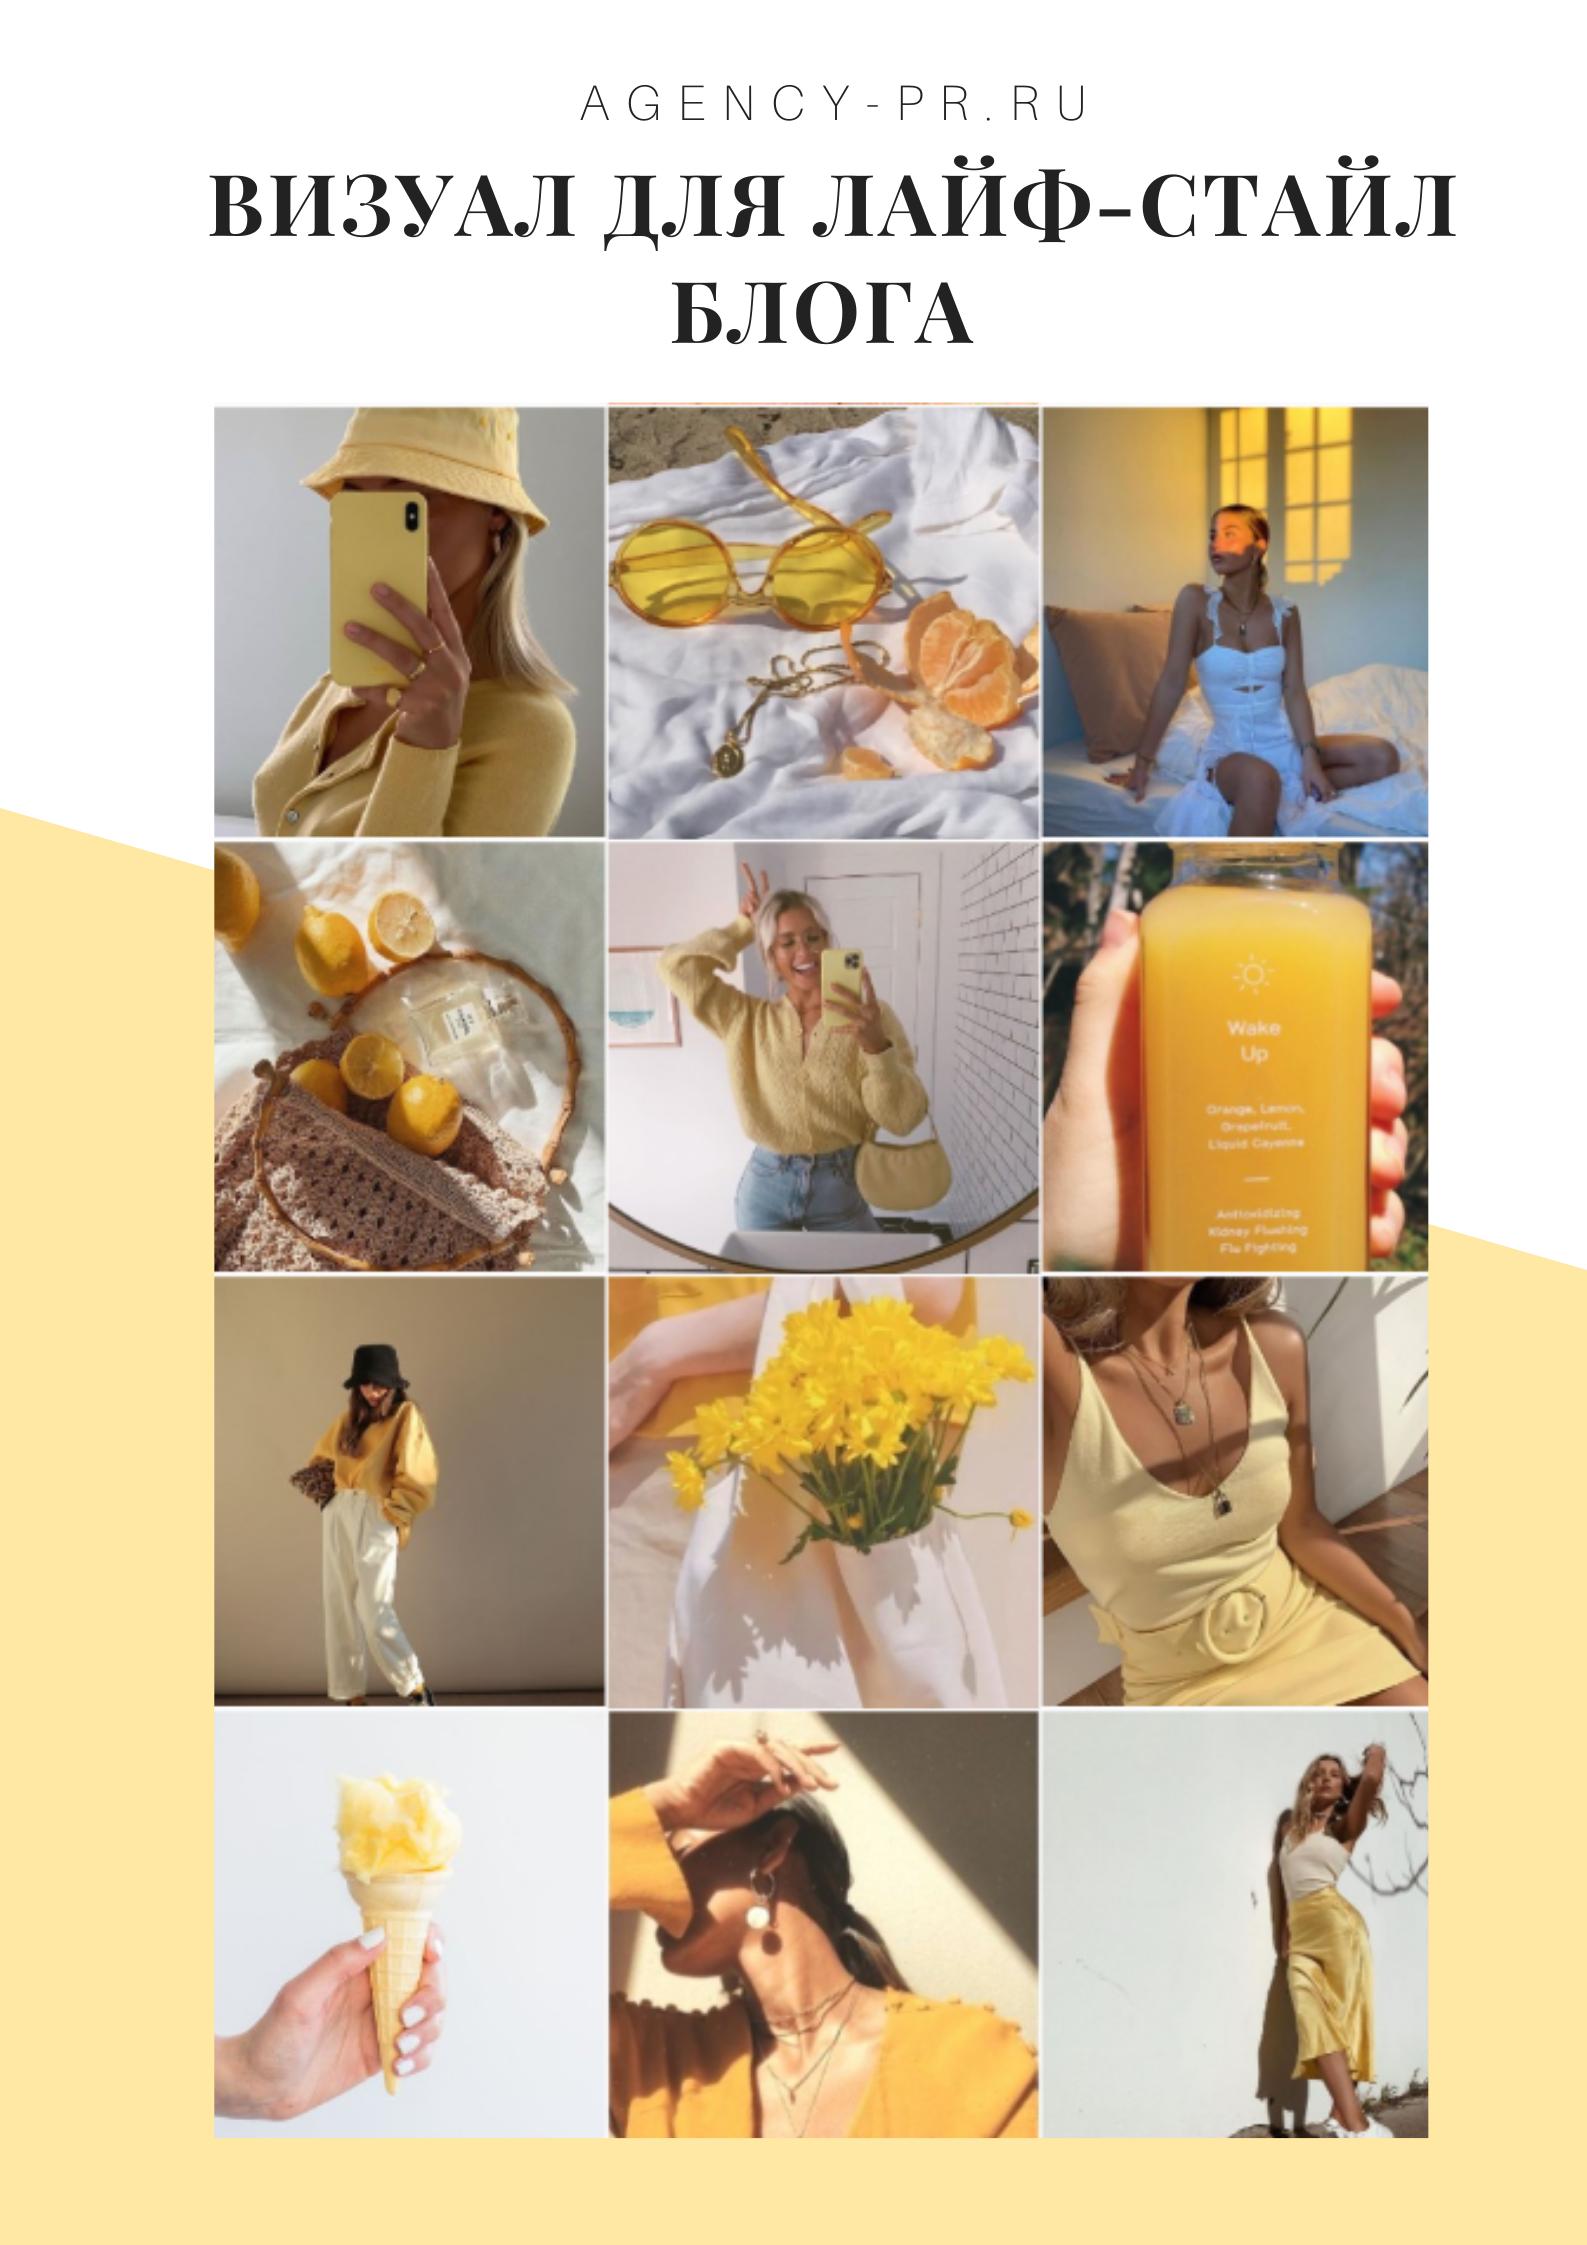 Idei Foto Dlya Lenty Profilya Instagram V 2020 G Zhenskaya Portretnaya Fotografiya Instagram Modnye Plakaty